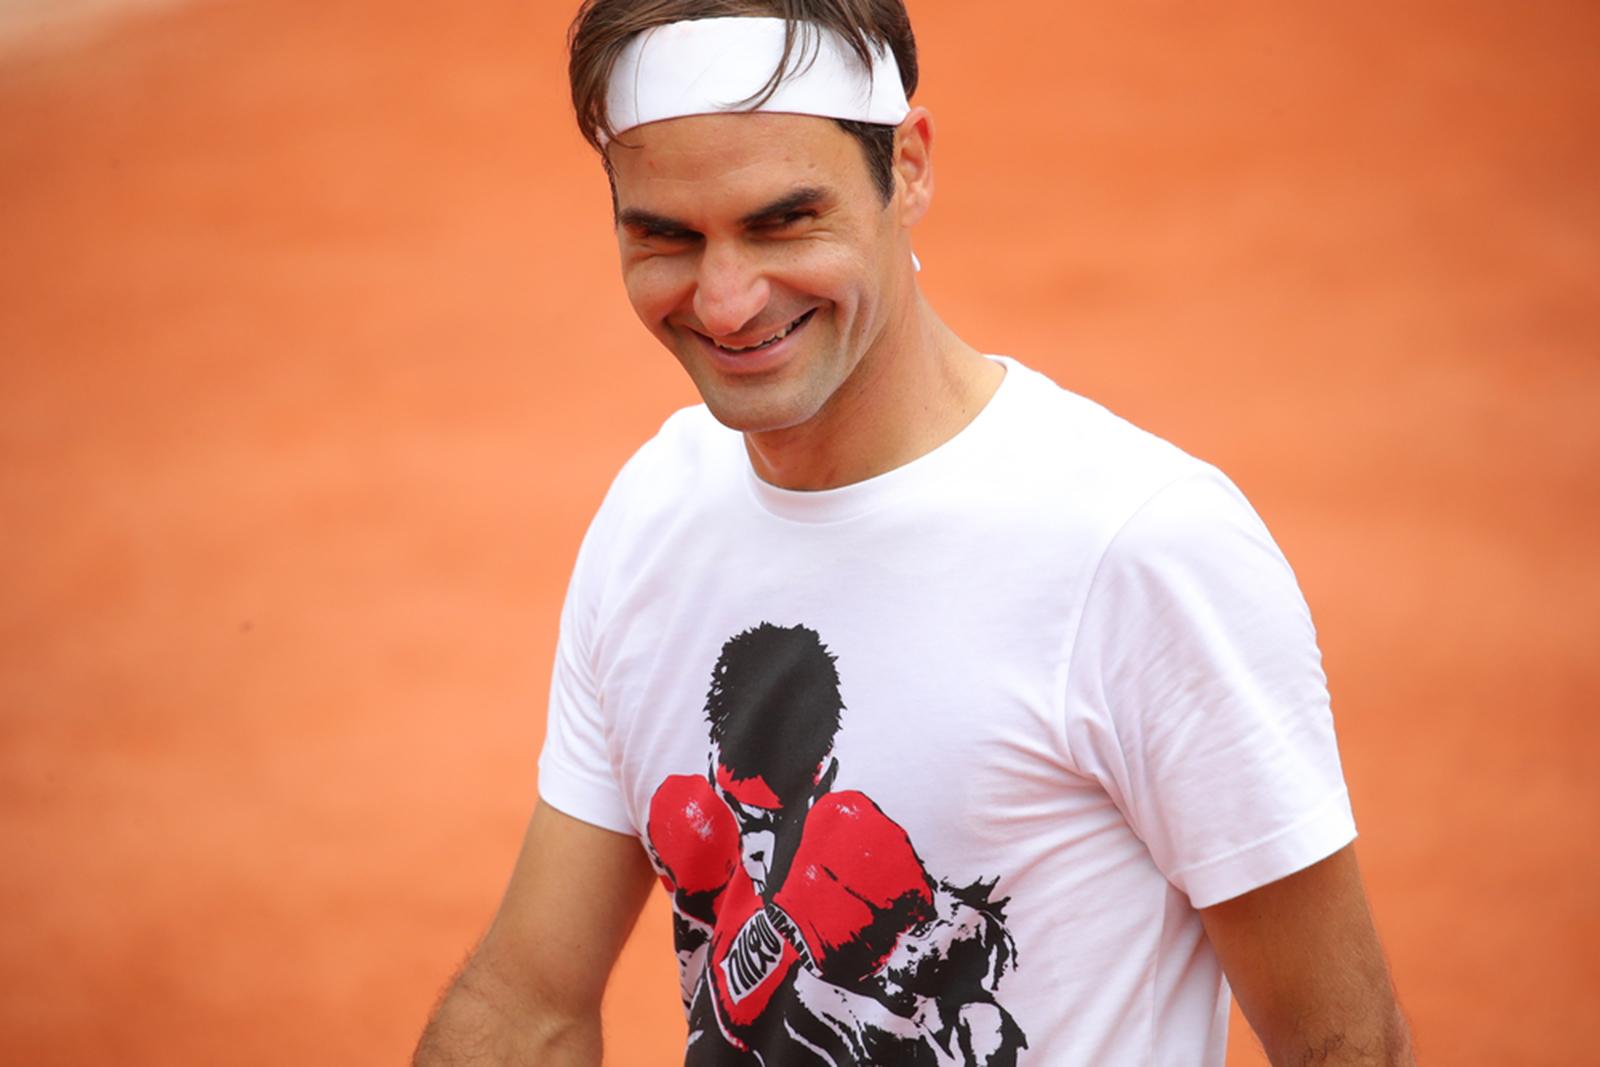 Roger Federer - Roland-Garros 2019 first practice